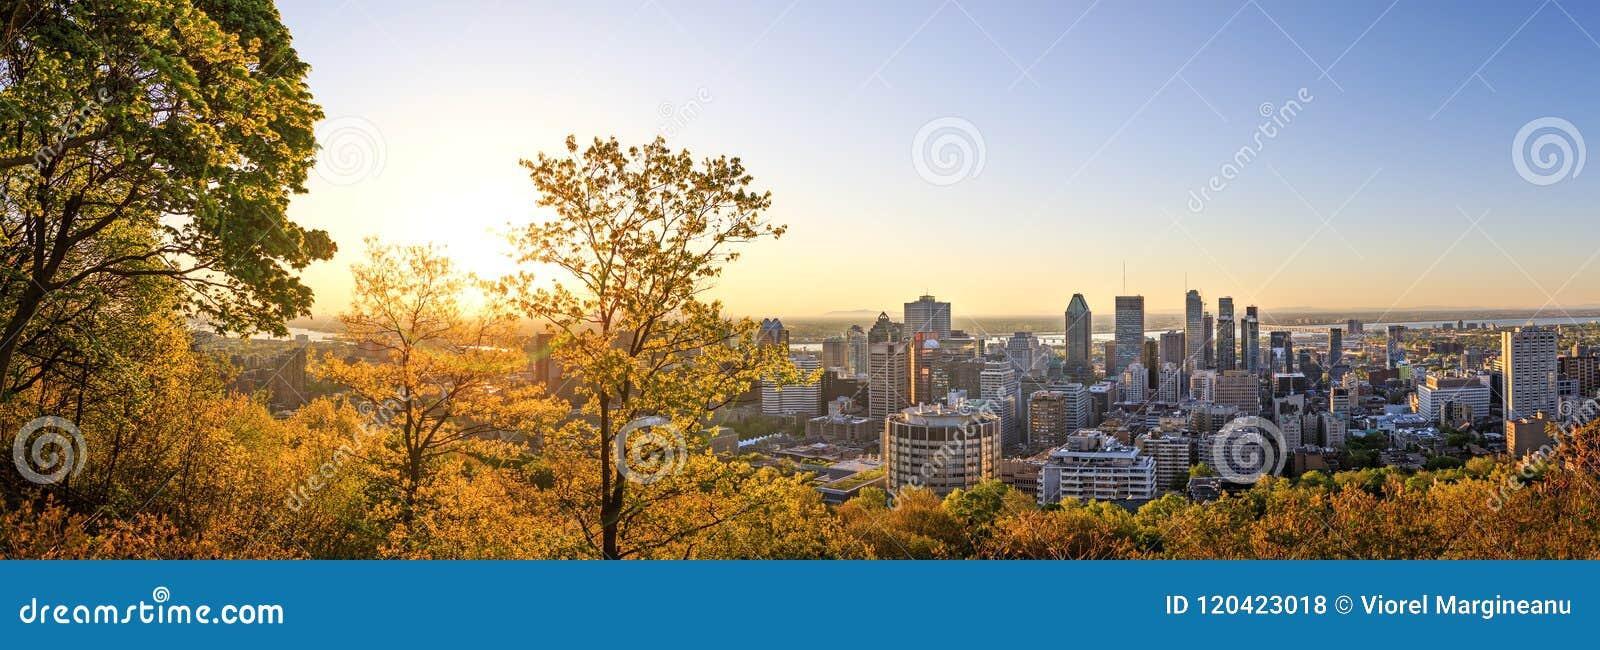 """€ de Montreal, Canadá """"21 de mayo de 2018 Salida del sol de oro hermosa encima"""